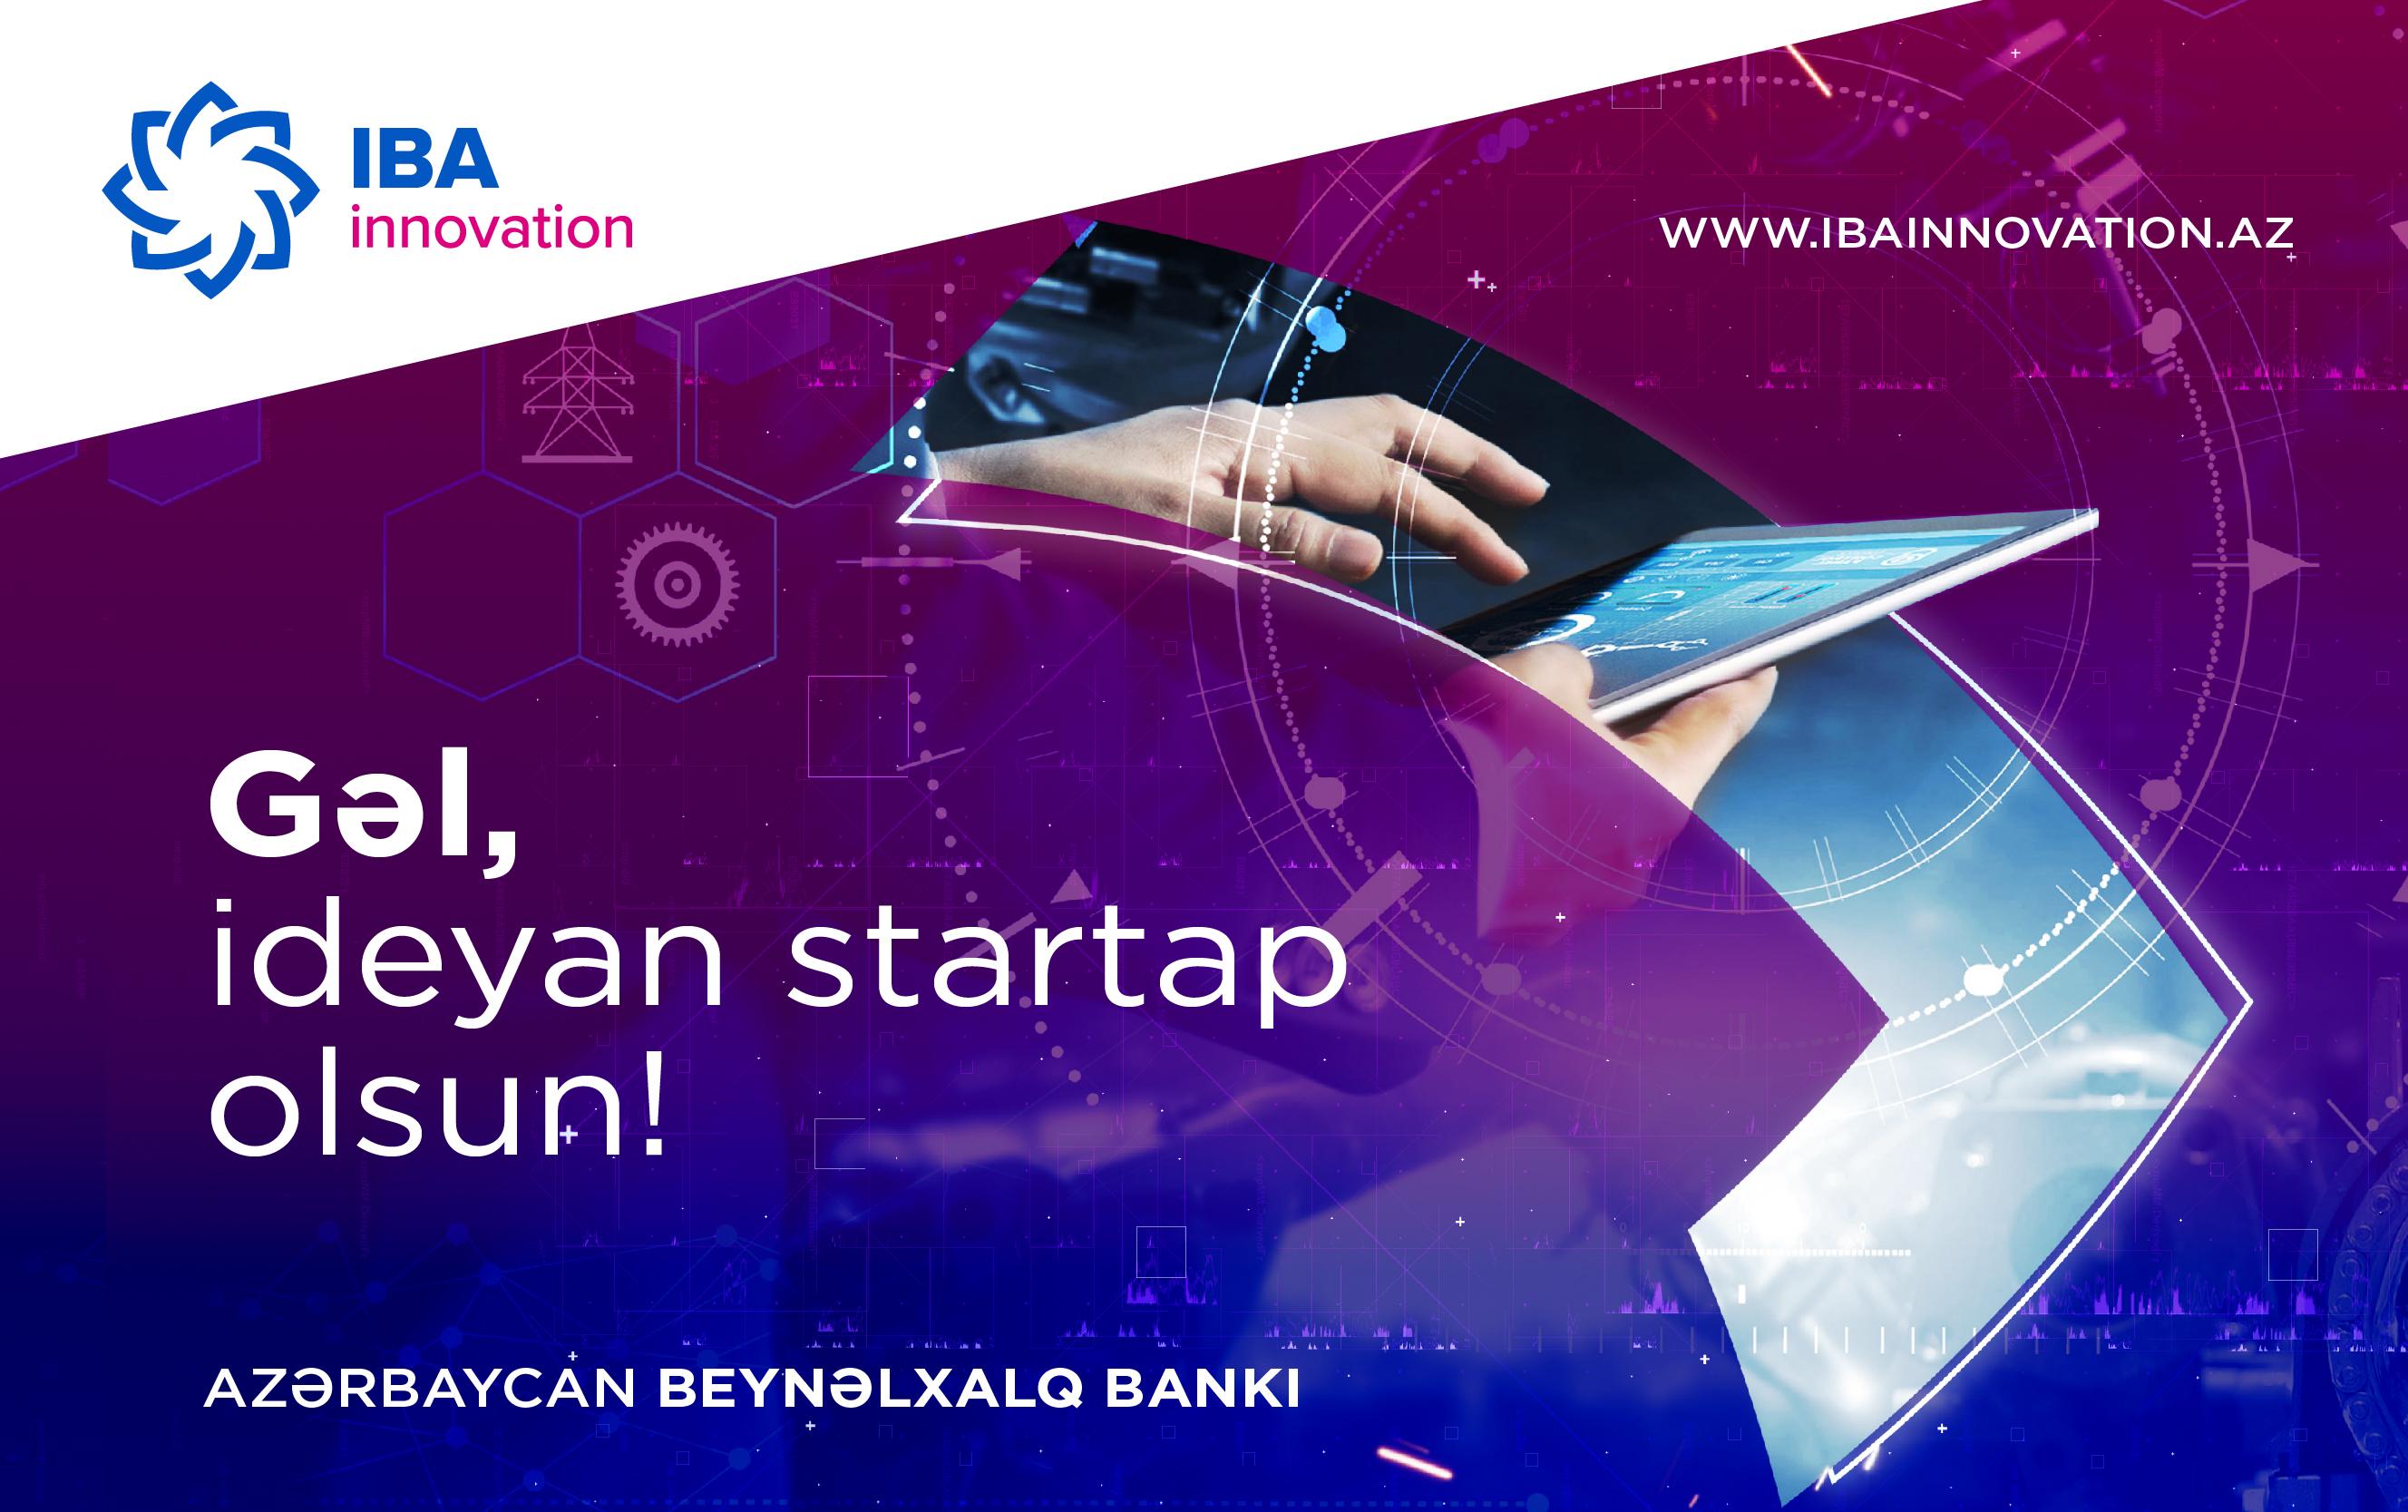 Международный Банк Азербайджана создает Инновационный Центр